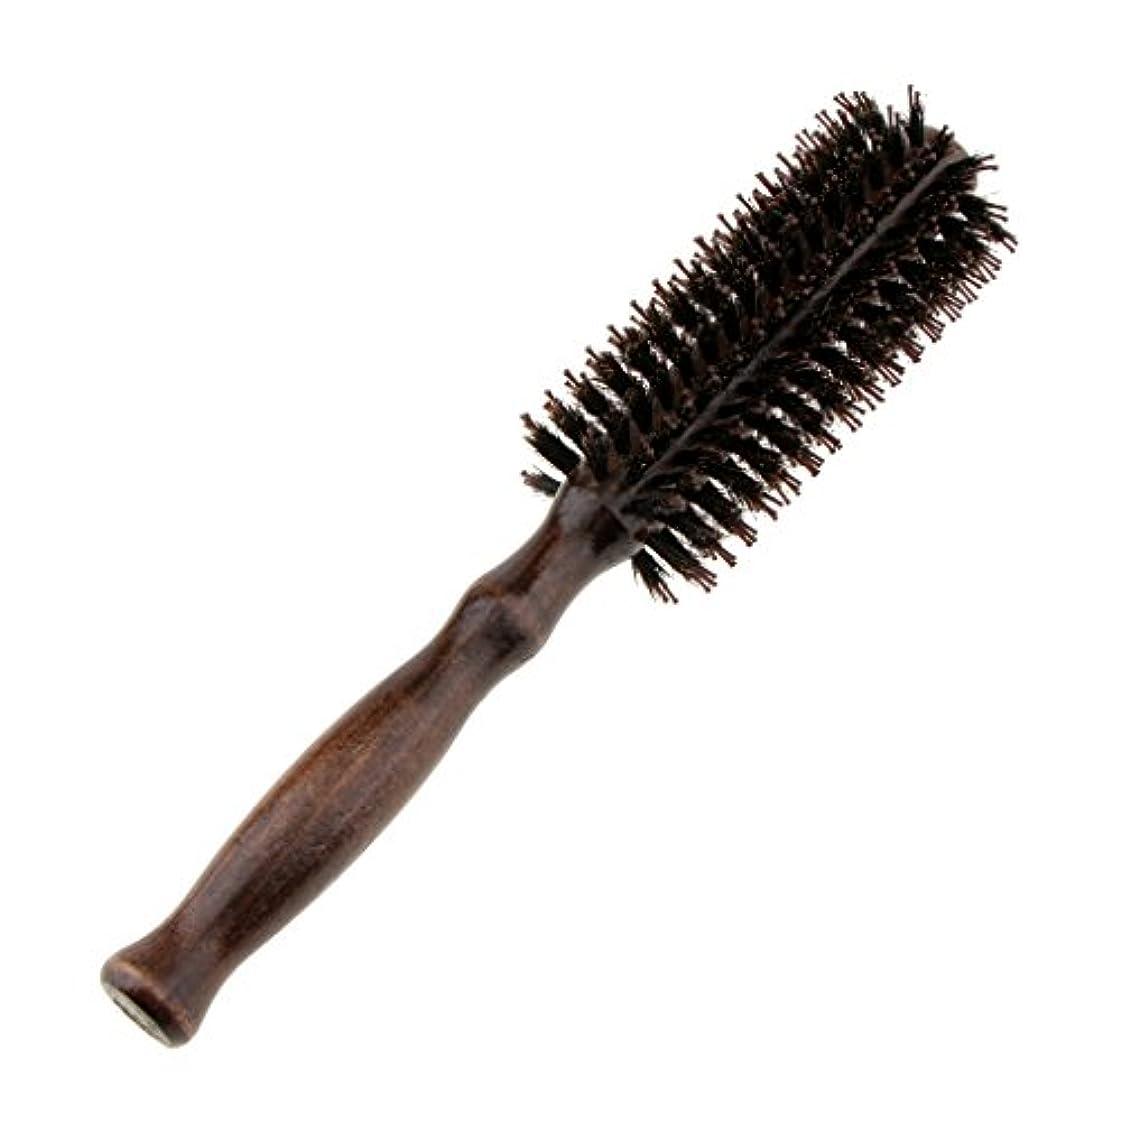 テーマ食べるアレイHomyl ロールブラシ ヘアブラシ ラウンド ウッド ハンドル 理髪 美容 カール 2タイプ選べる - #1